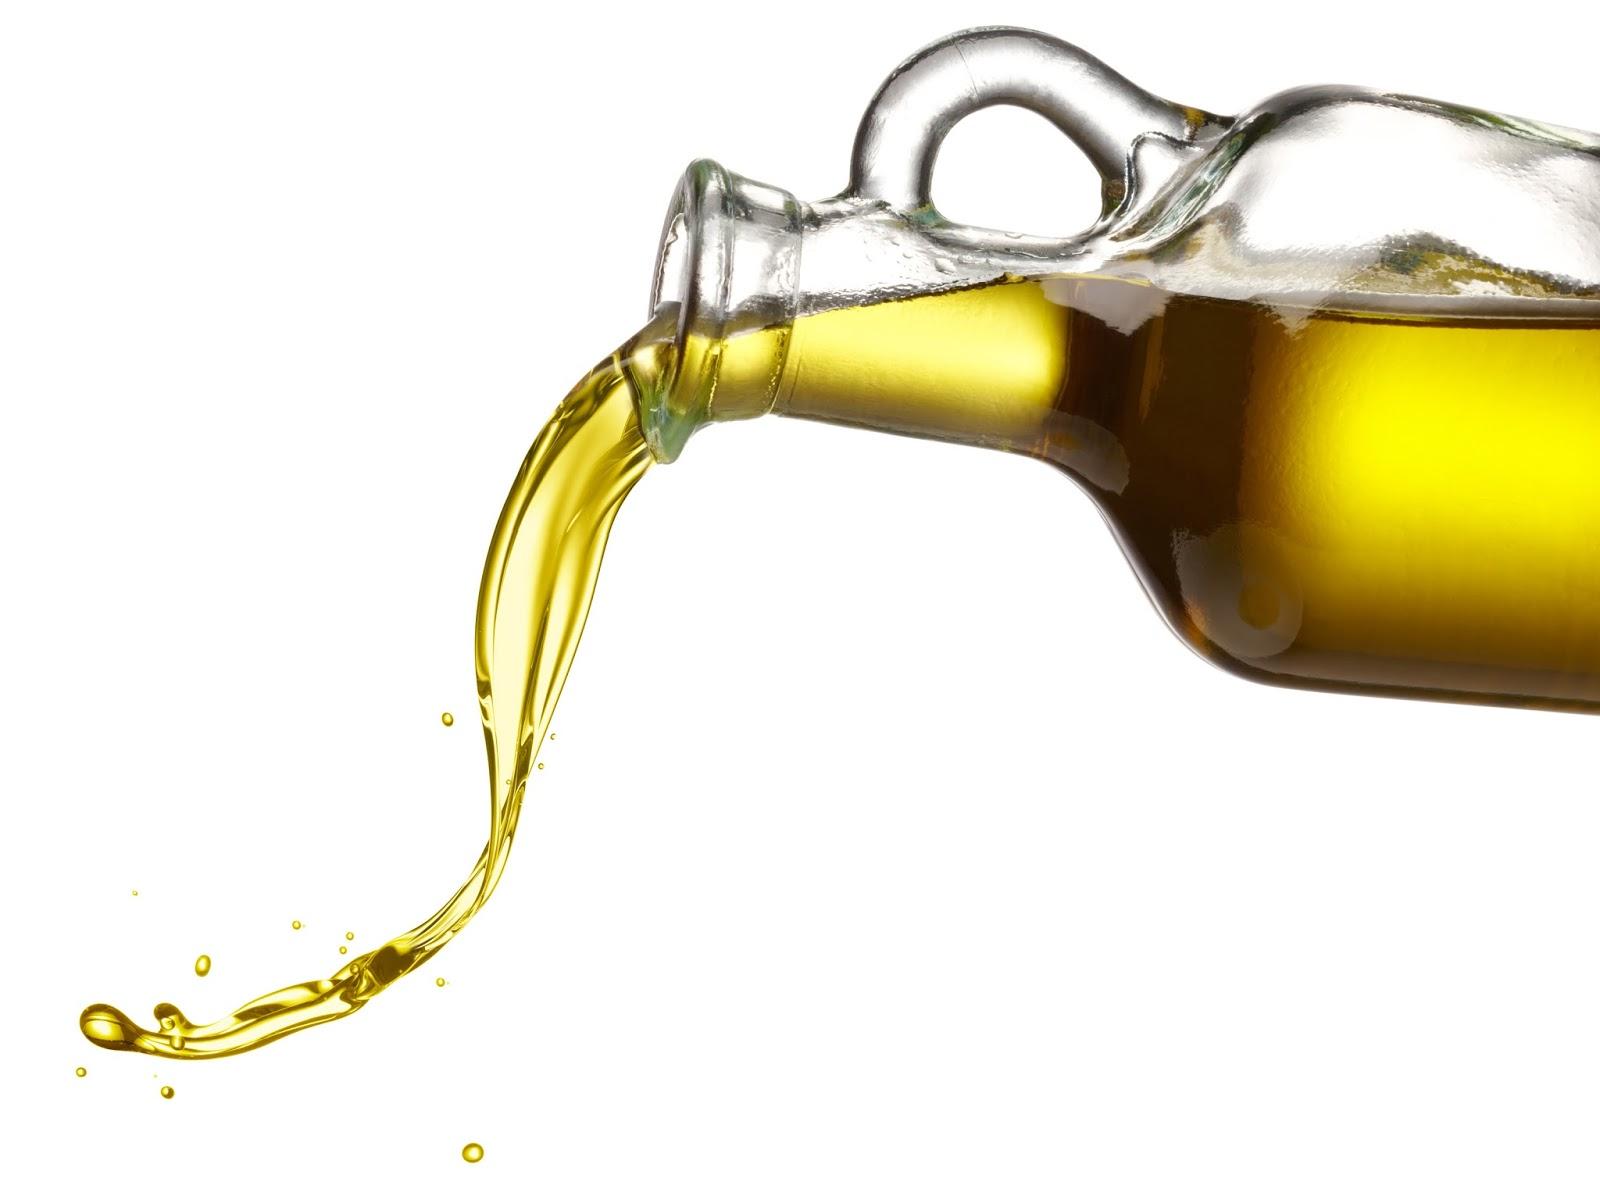 conheca-o-oleo-de-copaiba-e-seus-beneficios-óleo-blog-usenatureza